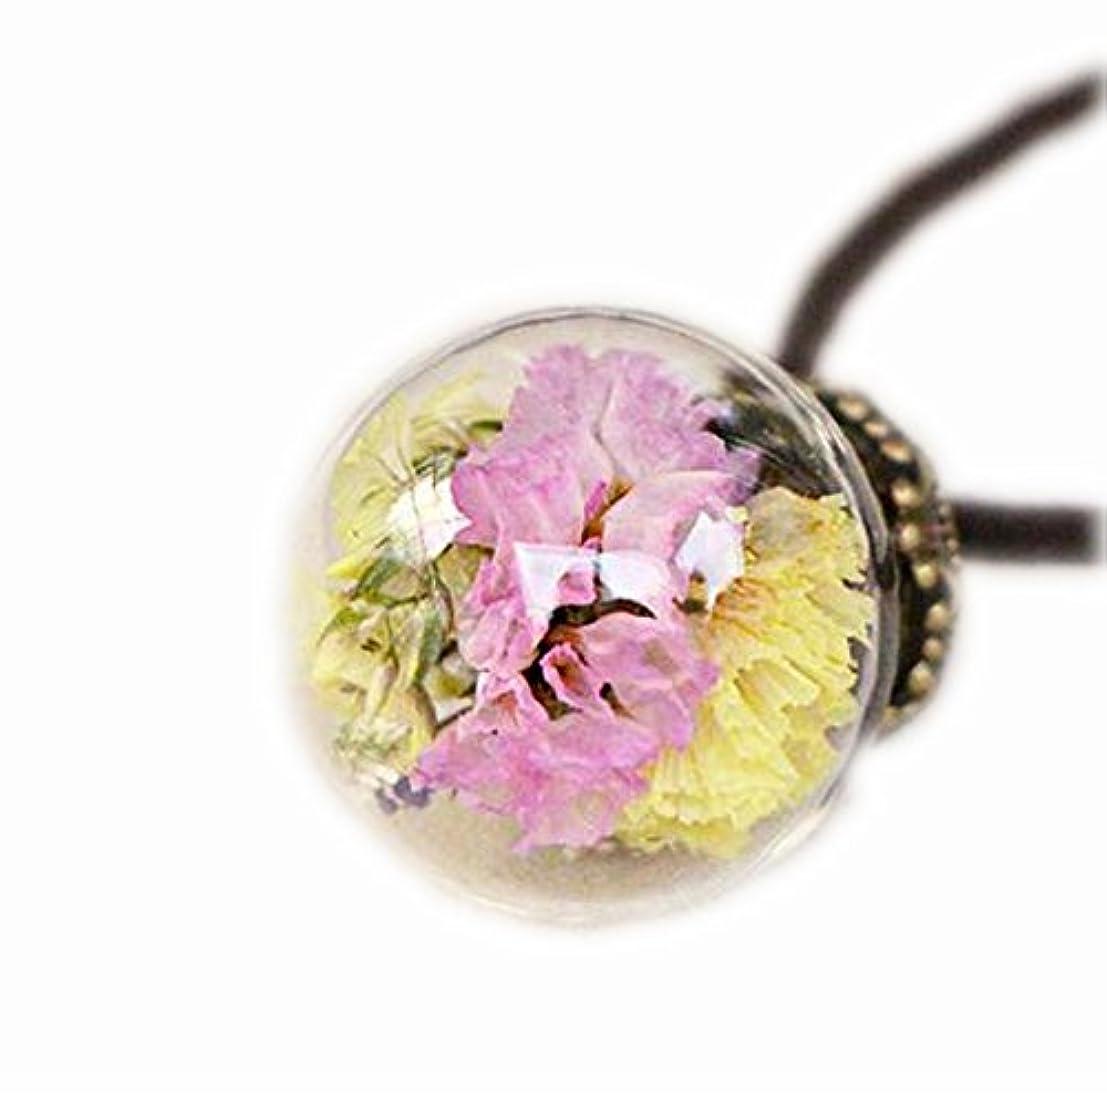 近似アテンダントヒット美しい乾燥した花のペンダントネックレスセーターの装飾品